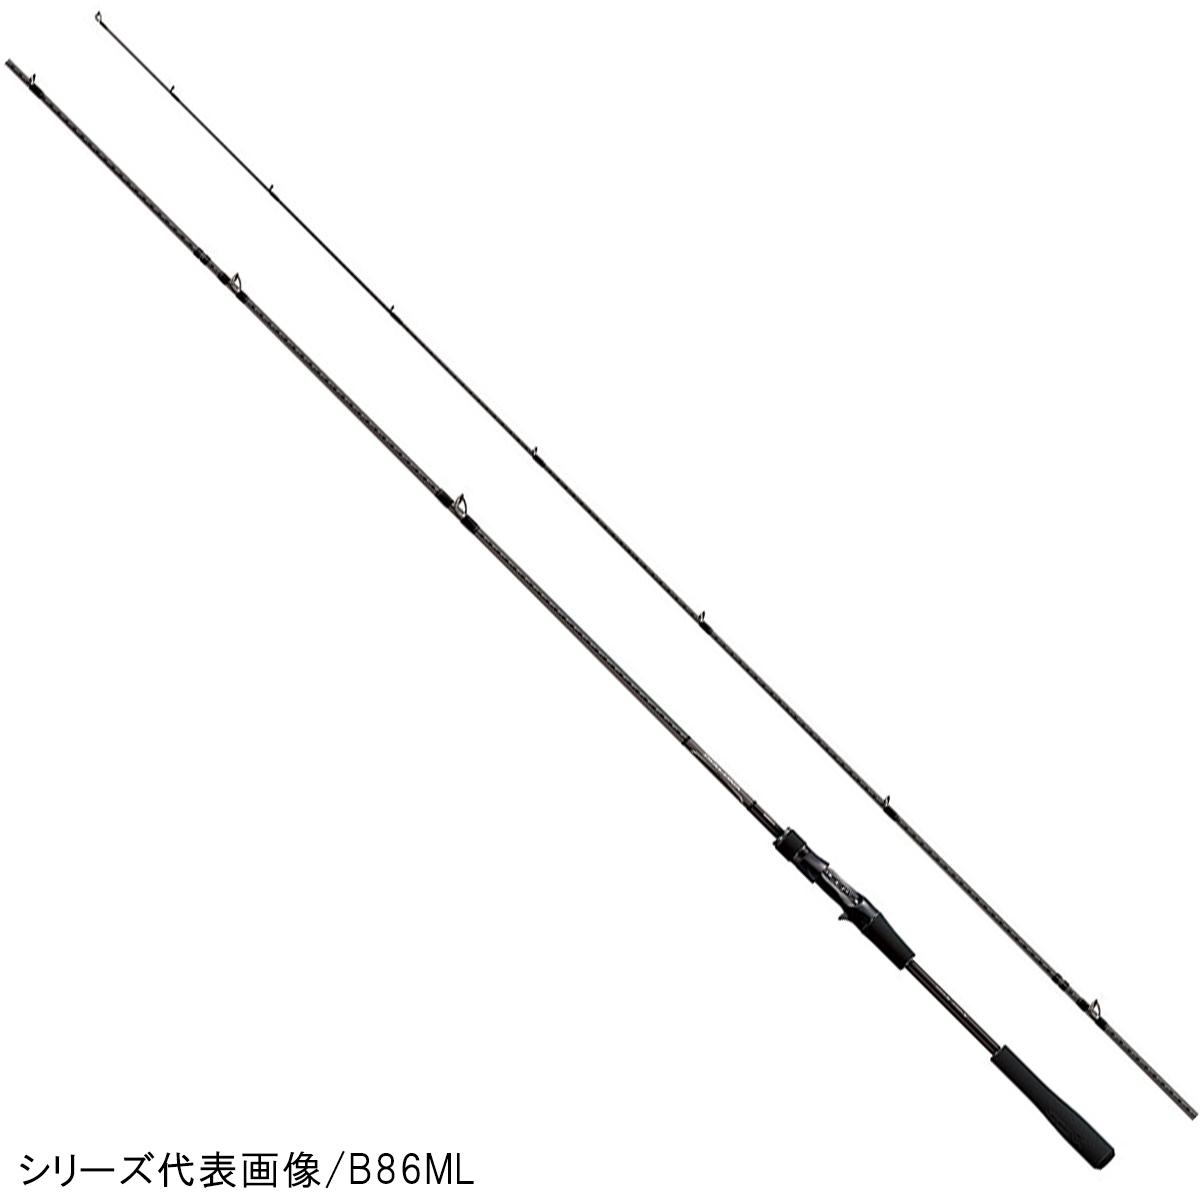 シマノ ディアルーナ (ベイト) B76MH【送料無料】